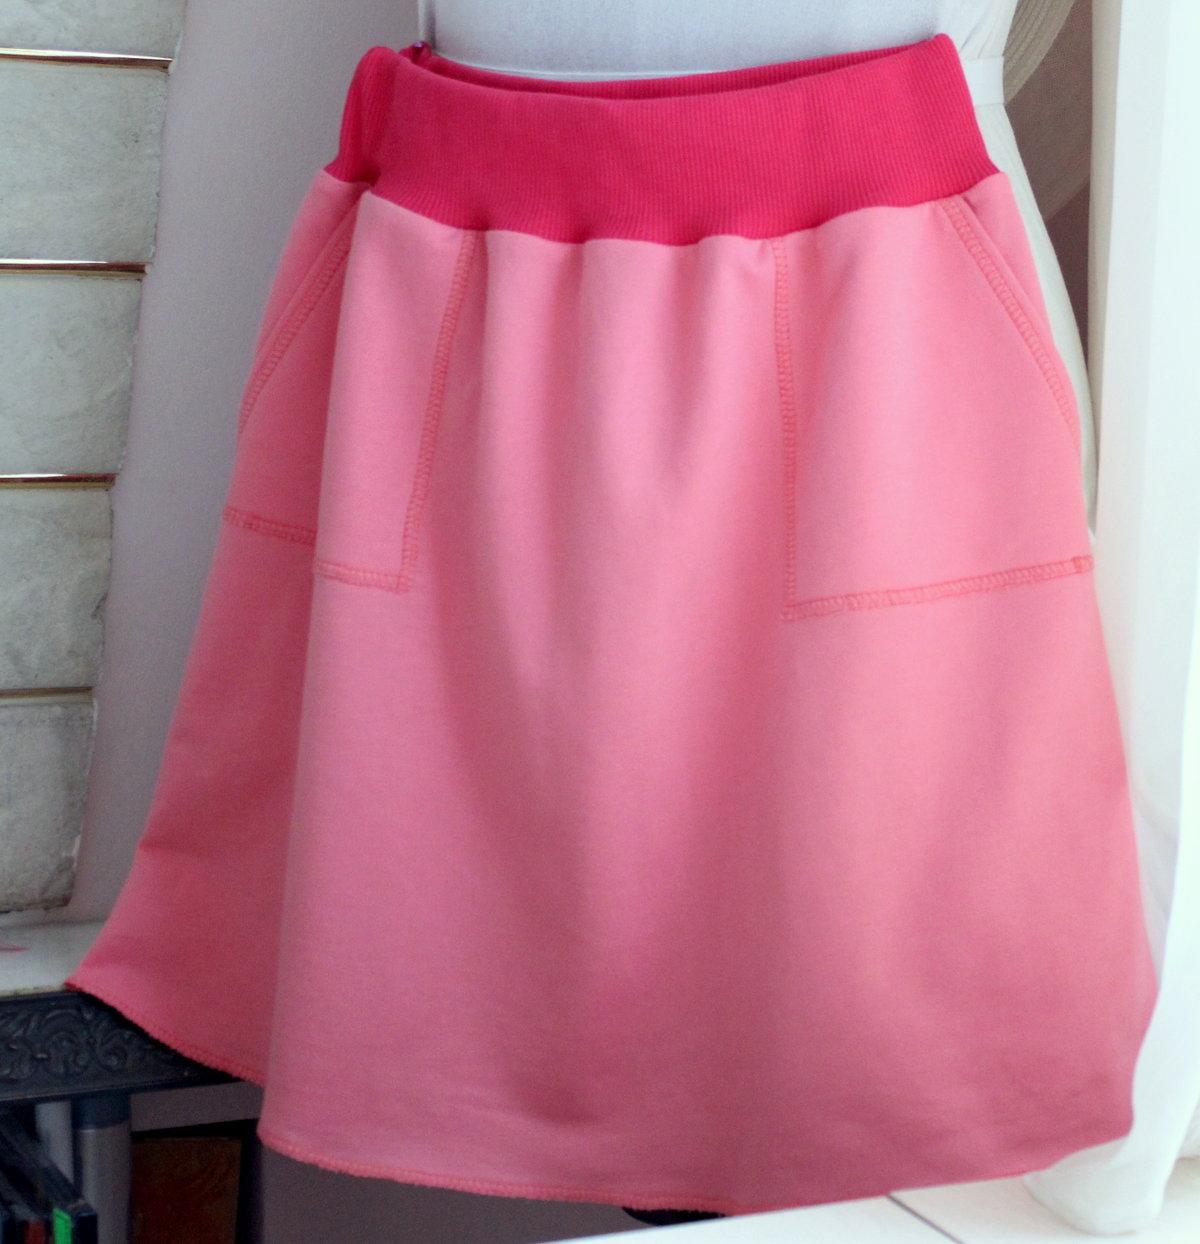 Шьем юбки своими руками. Длинная юбка или юбка-мини, юбка 86